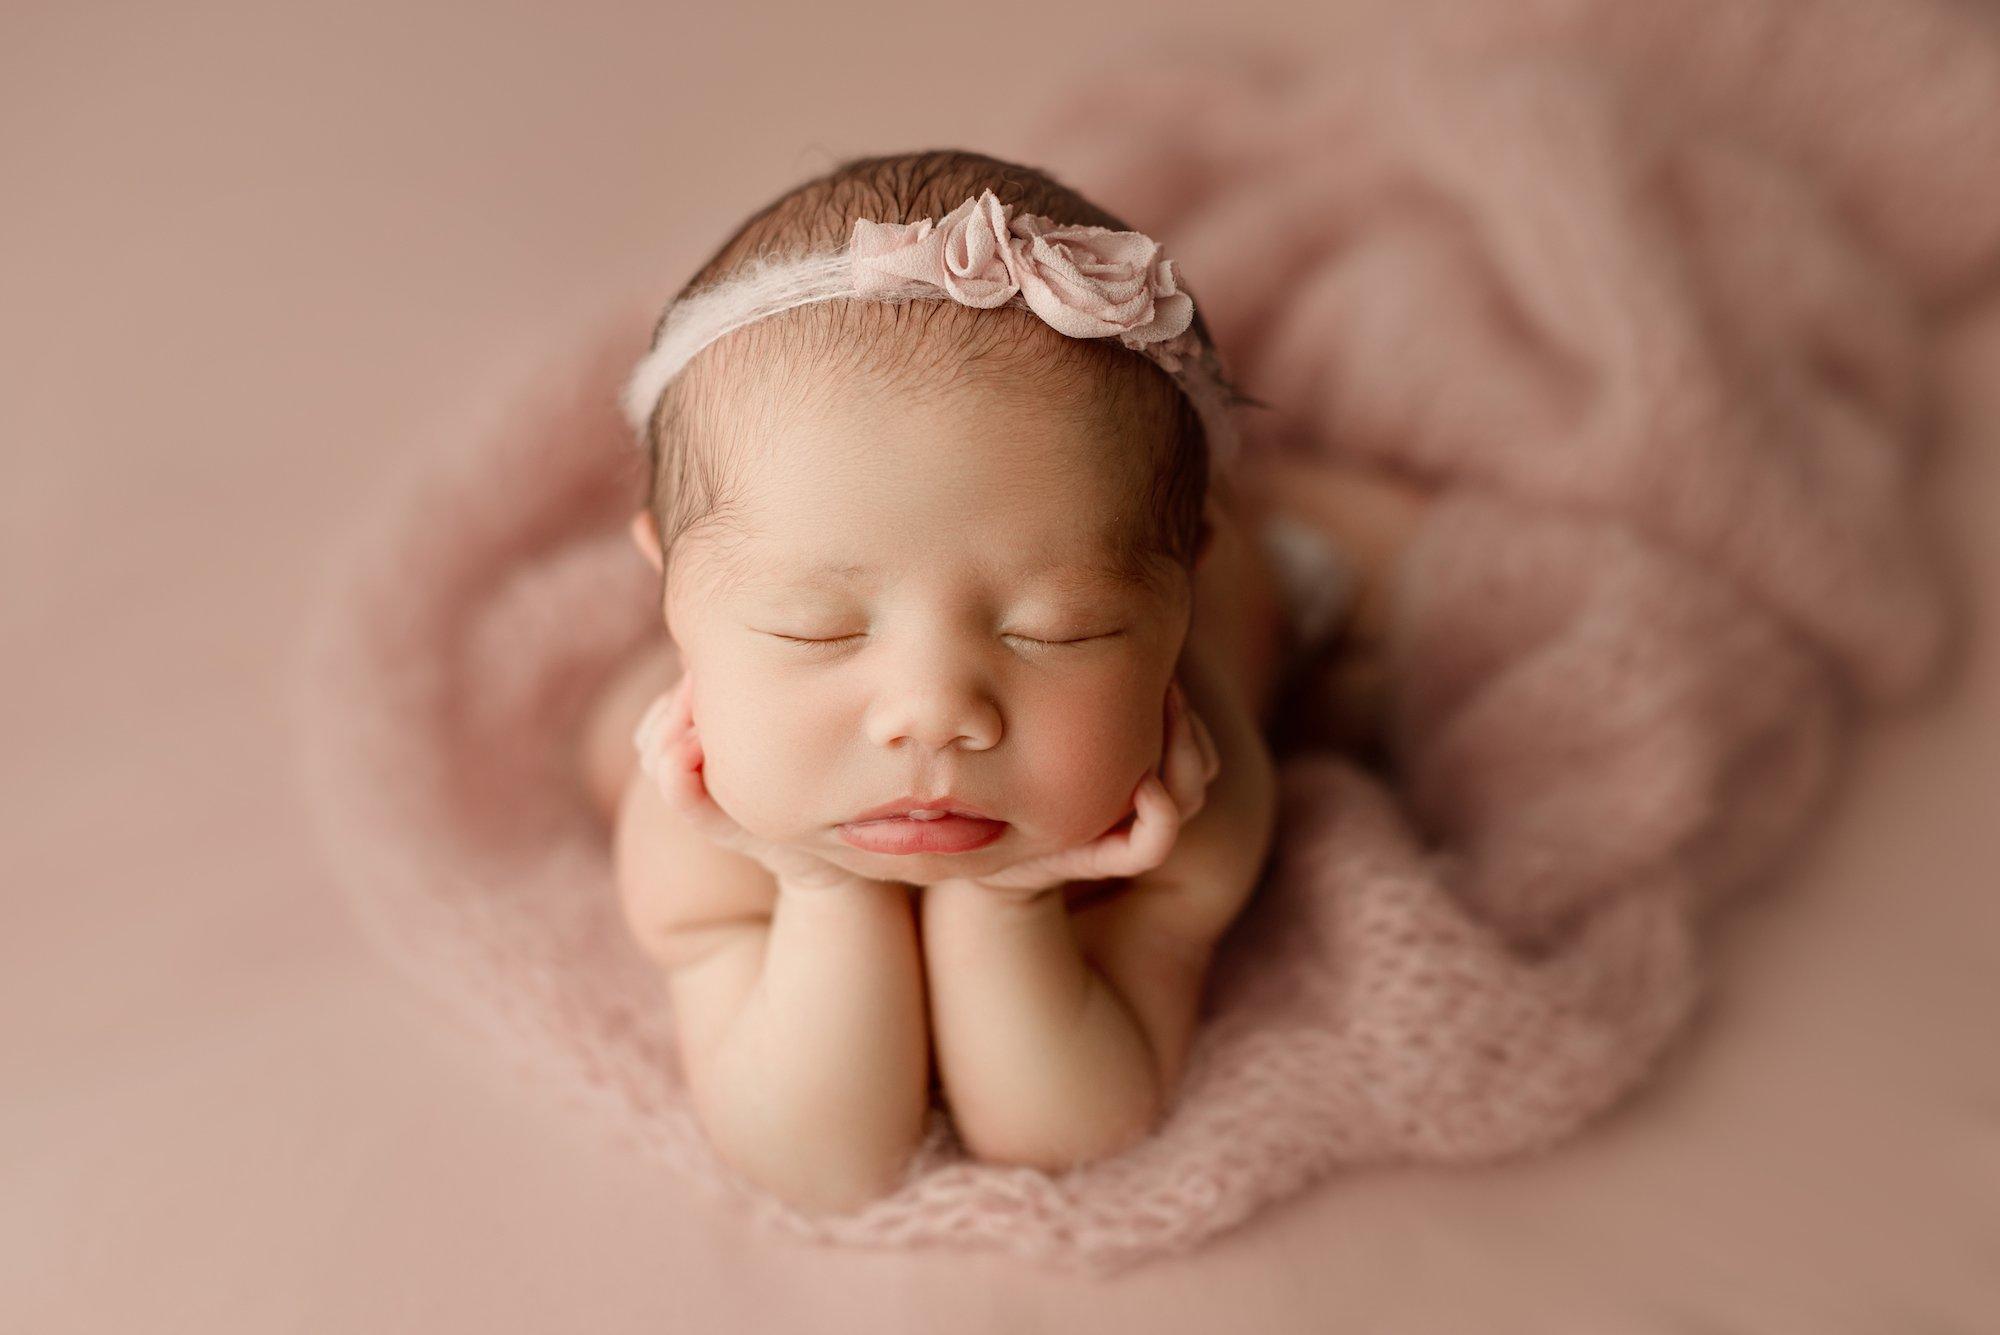 newborn photography in calgary